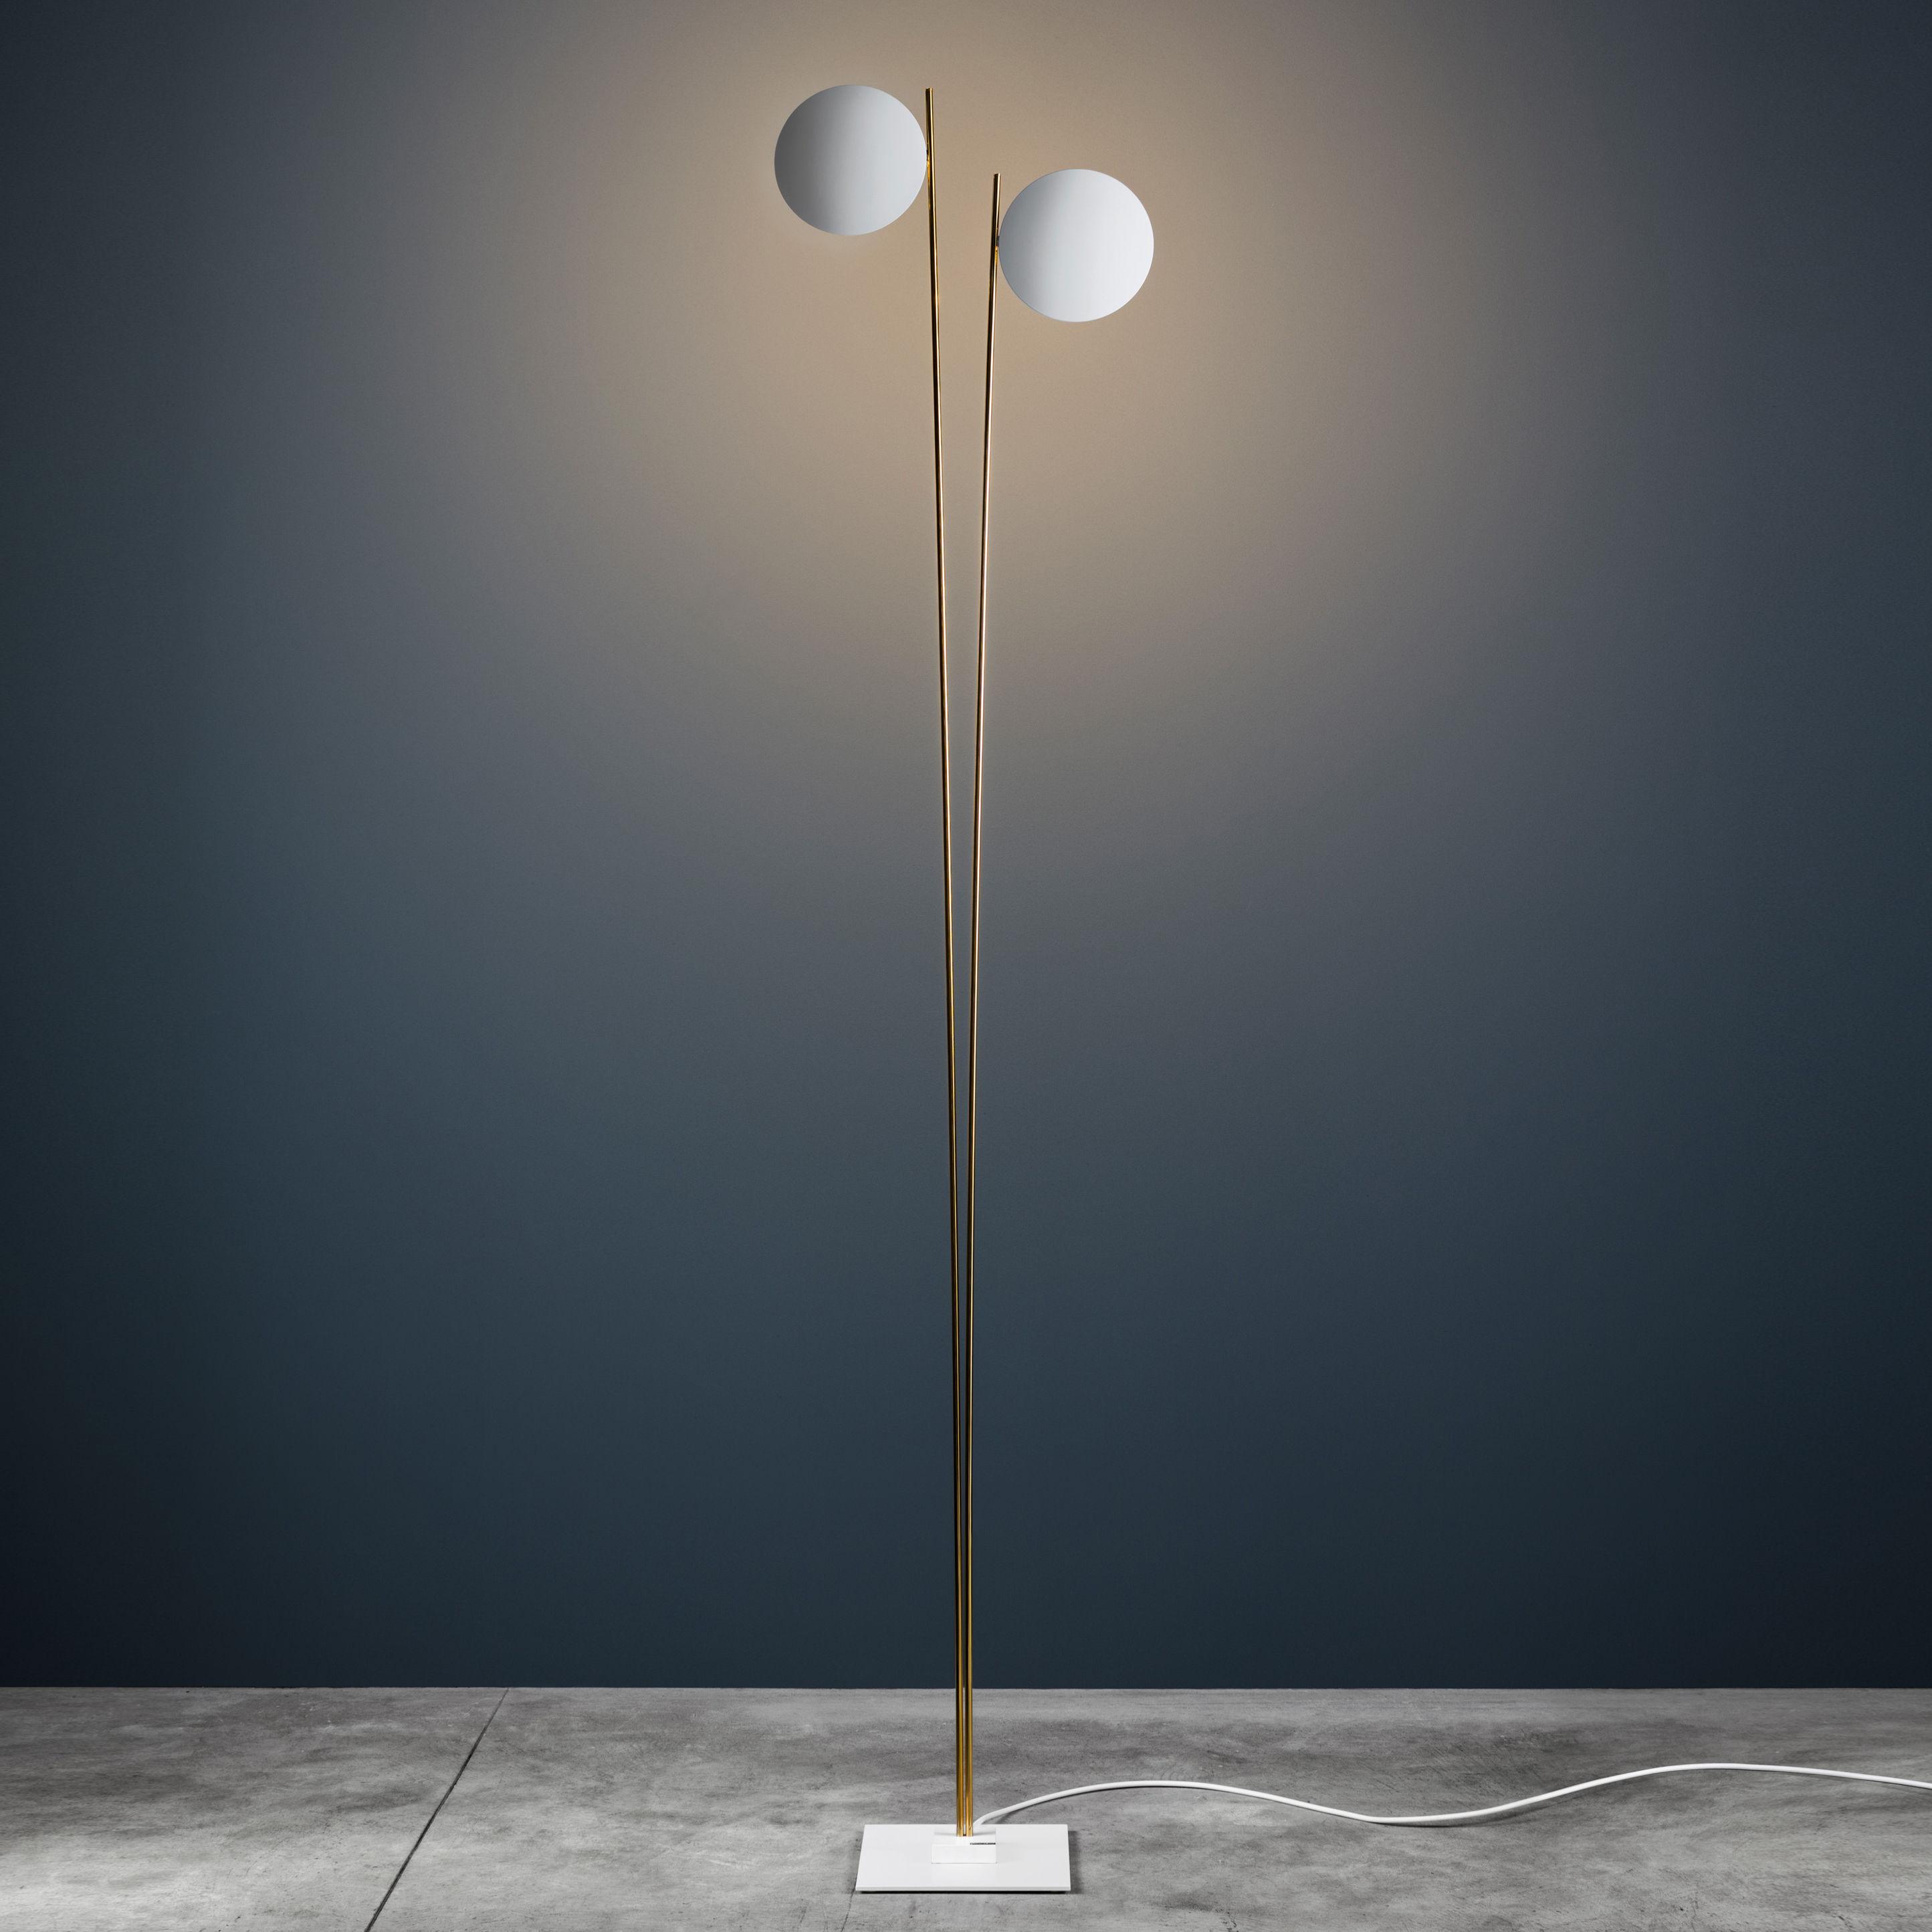 Luminaire - Lampadaires - Lampadaire Lederam F2 / LED - H 198 cm - Catellani & Smith - Disques blancs / Tige or / Base blanche - Aluminium peint, Métal doré